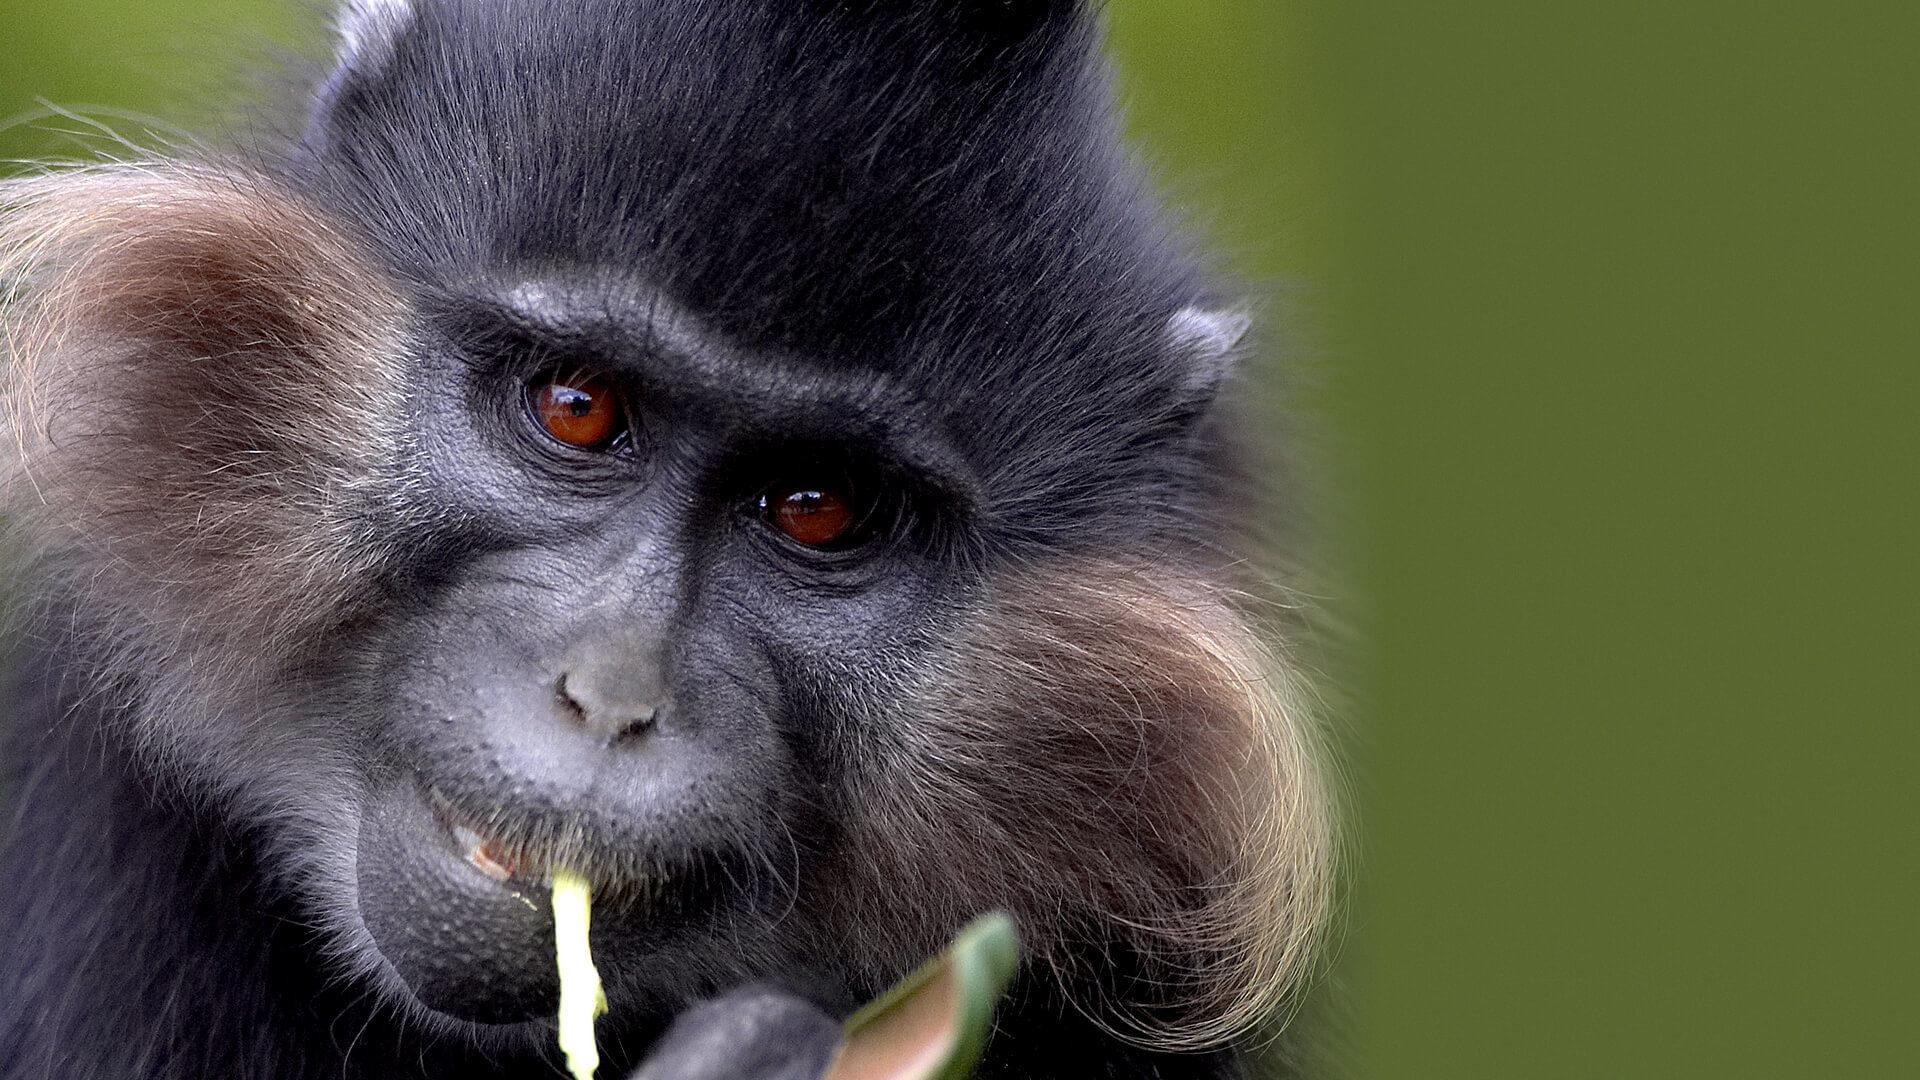 mangeby monkey image